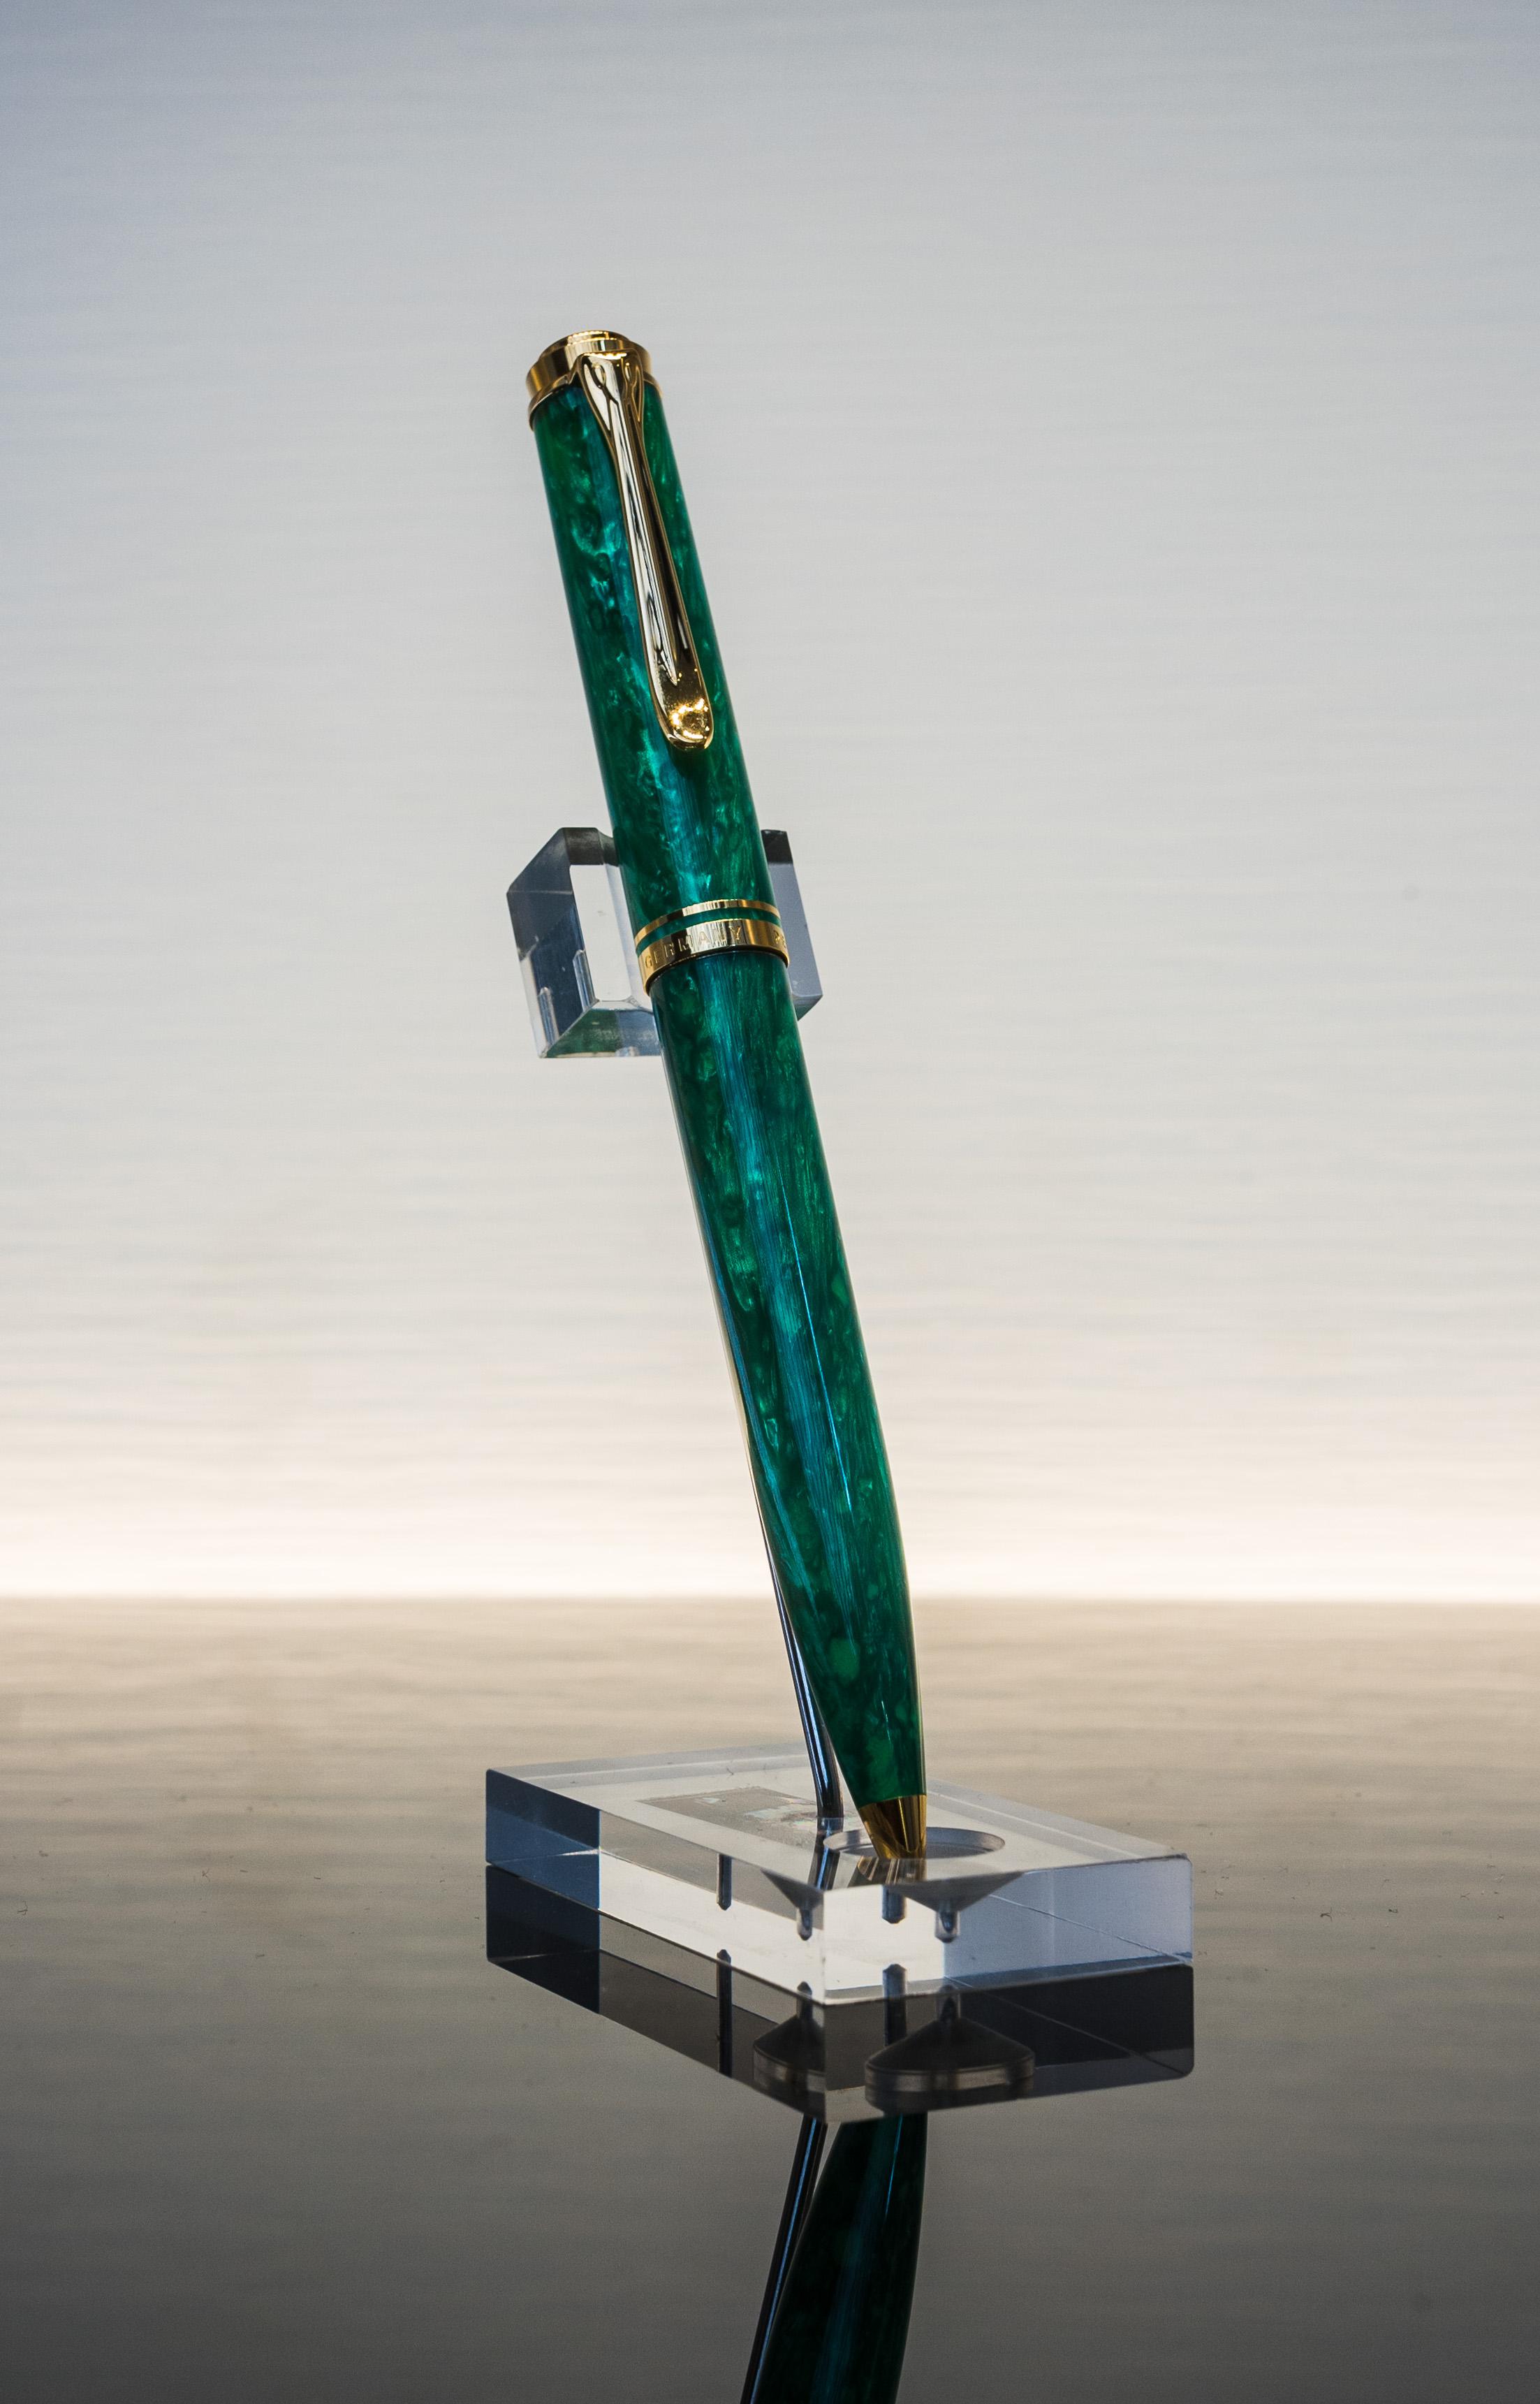 Pelican K600